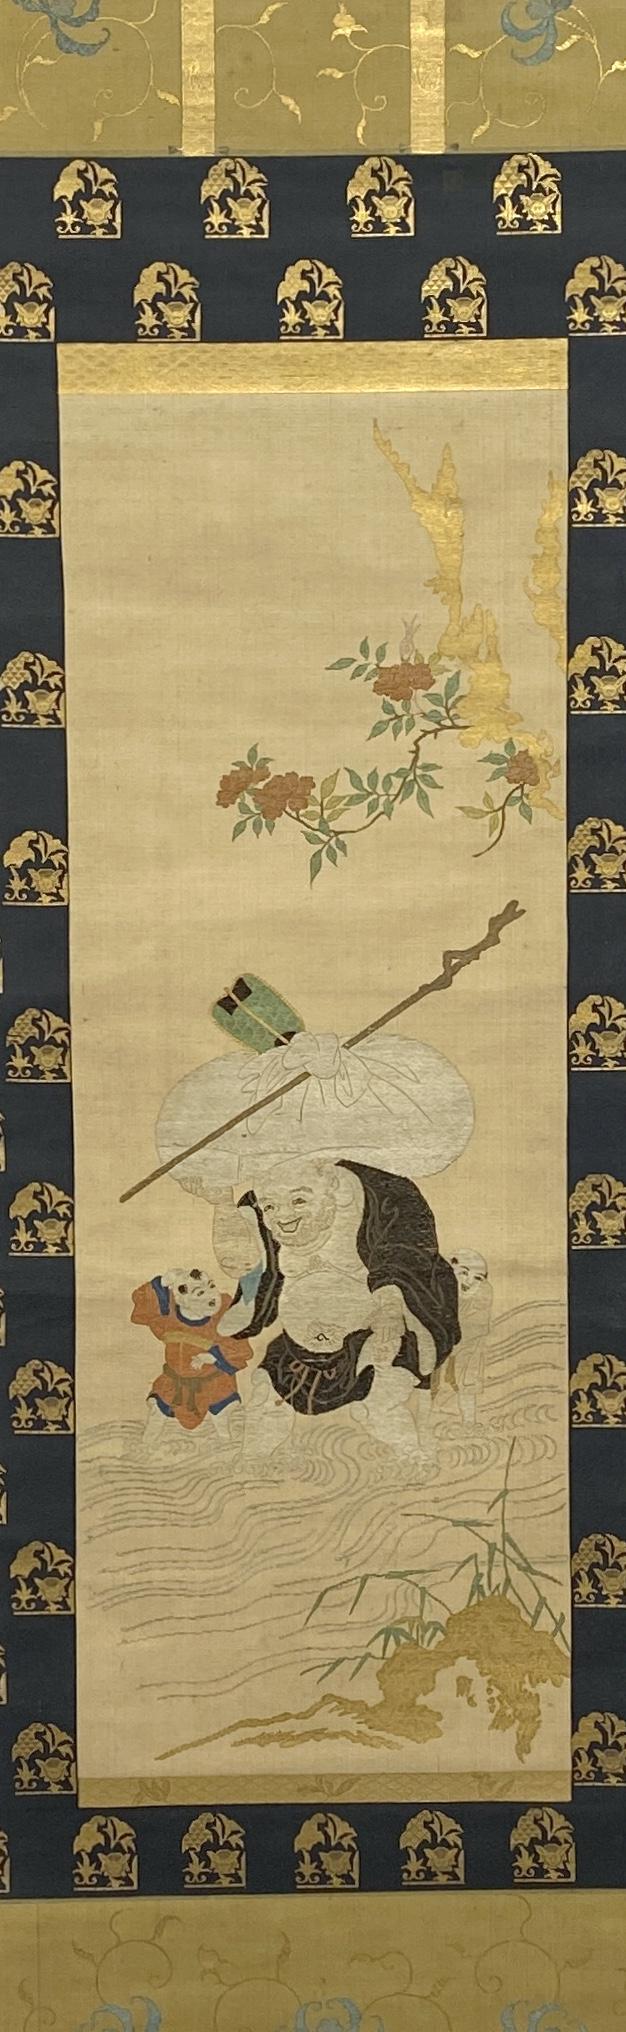 10183錦 布袋童子紋 軸